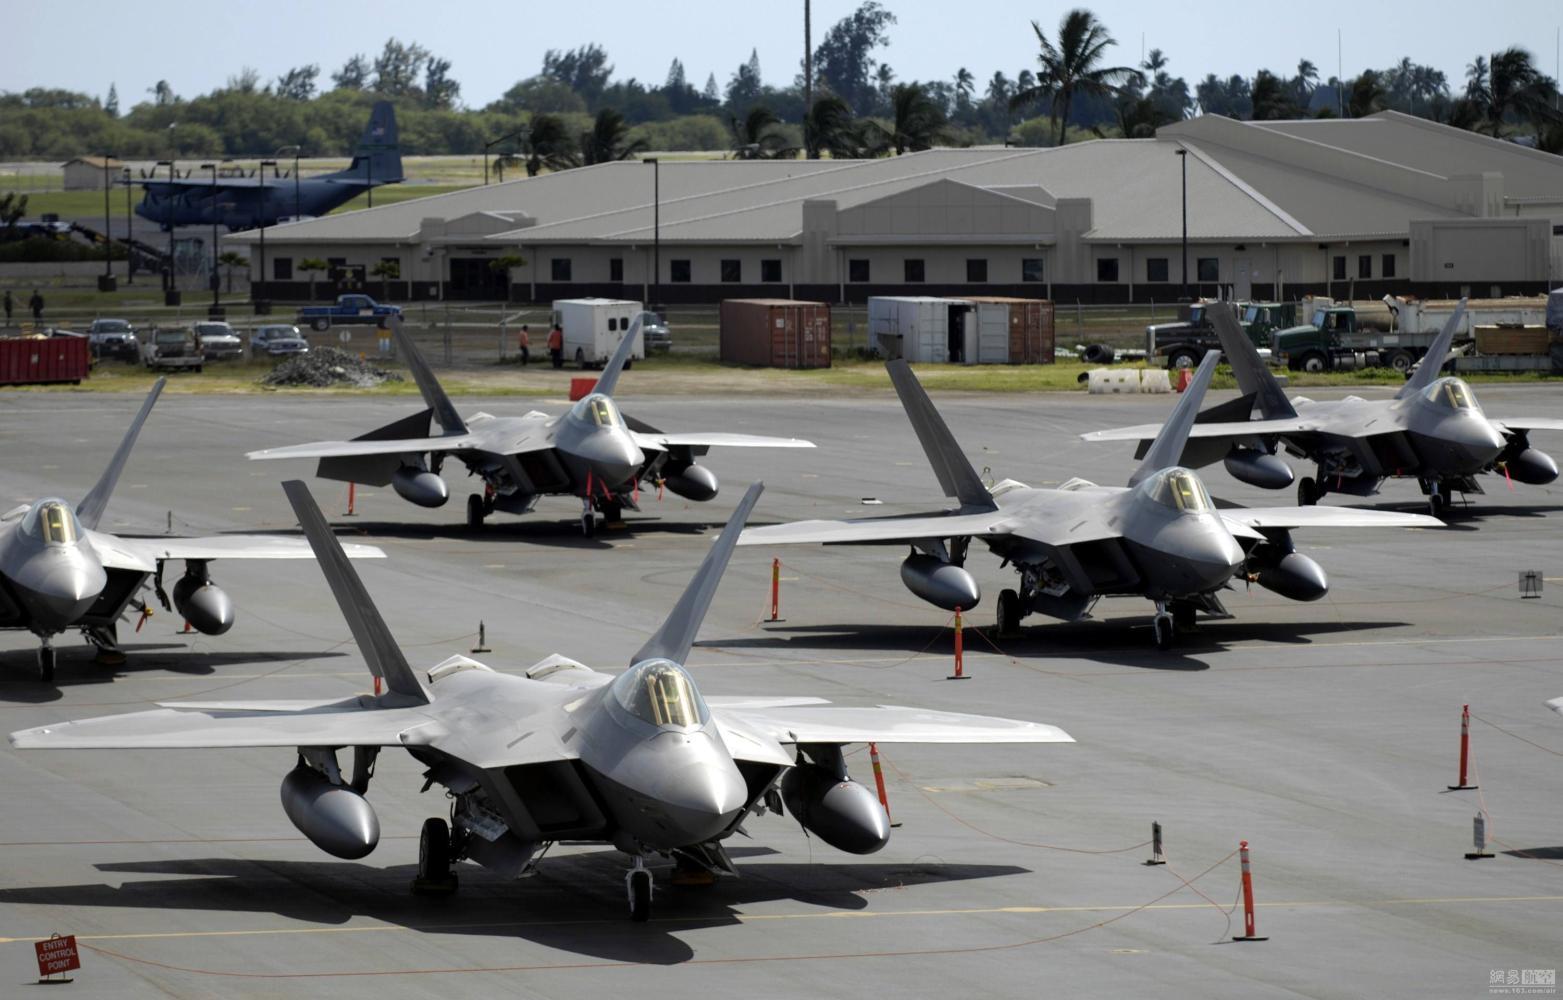 美国列世界最强空军榜单 看到中国排名俄罗斯彻底坐不住了 - 谭笑古今 - 谭笑古今